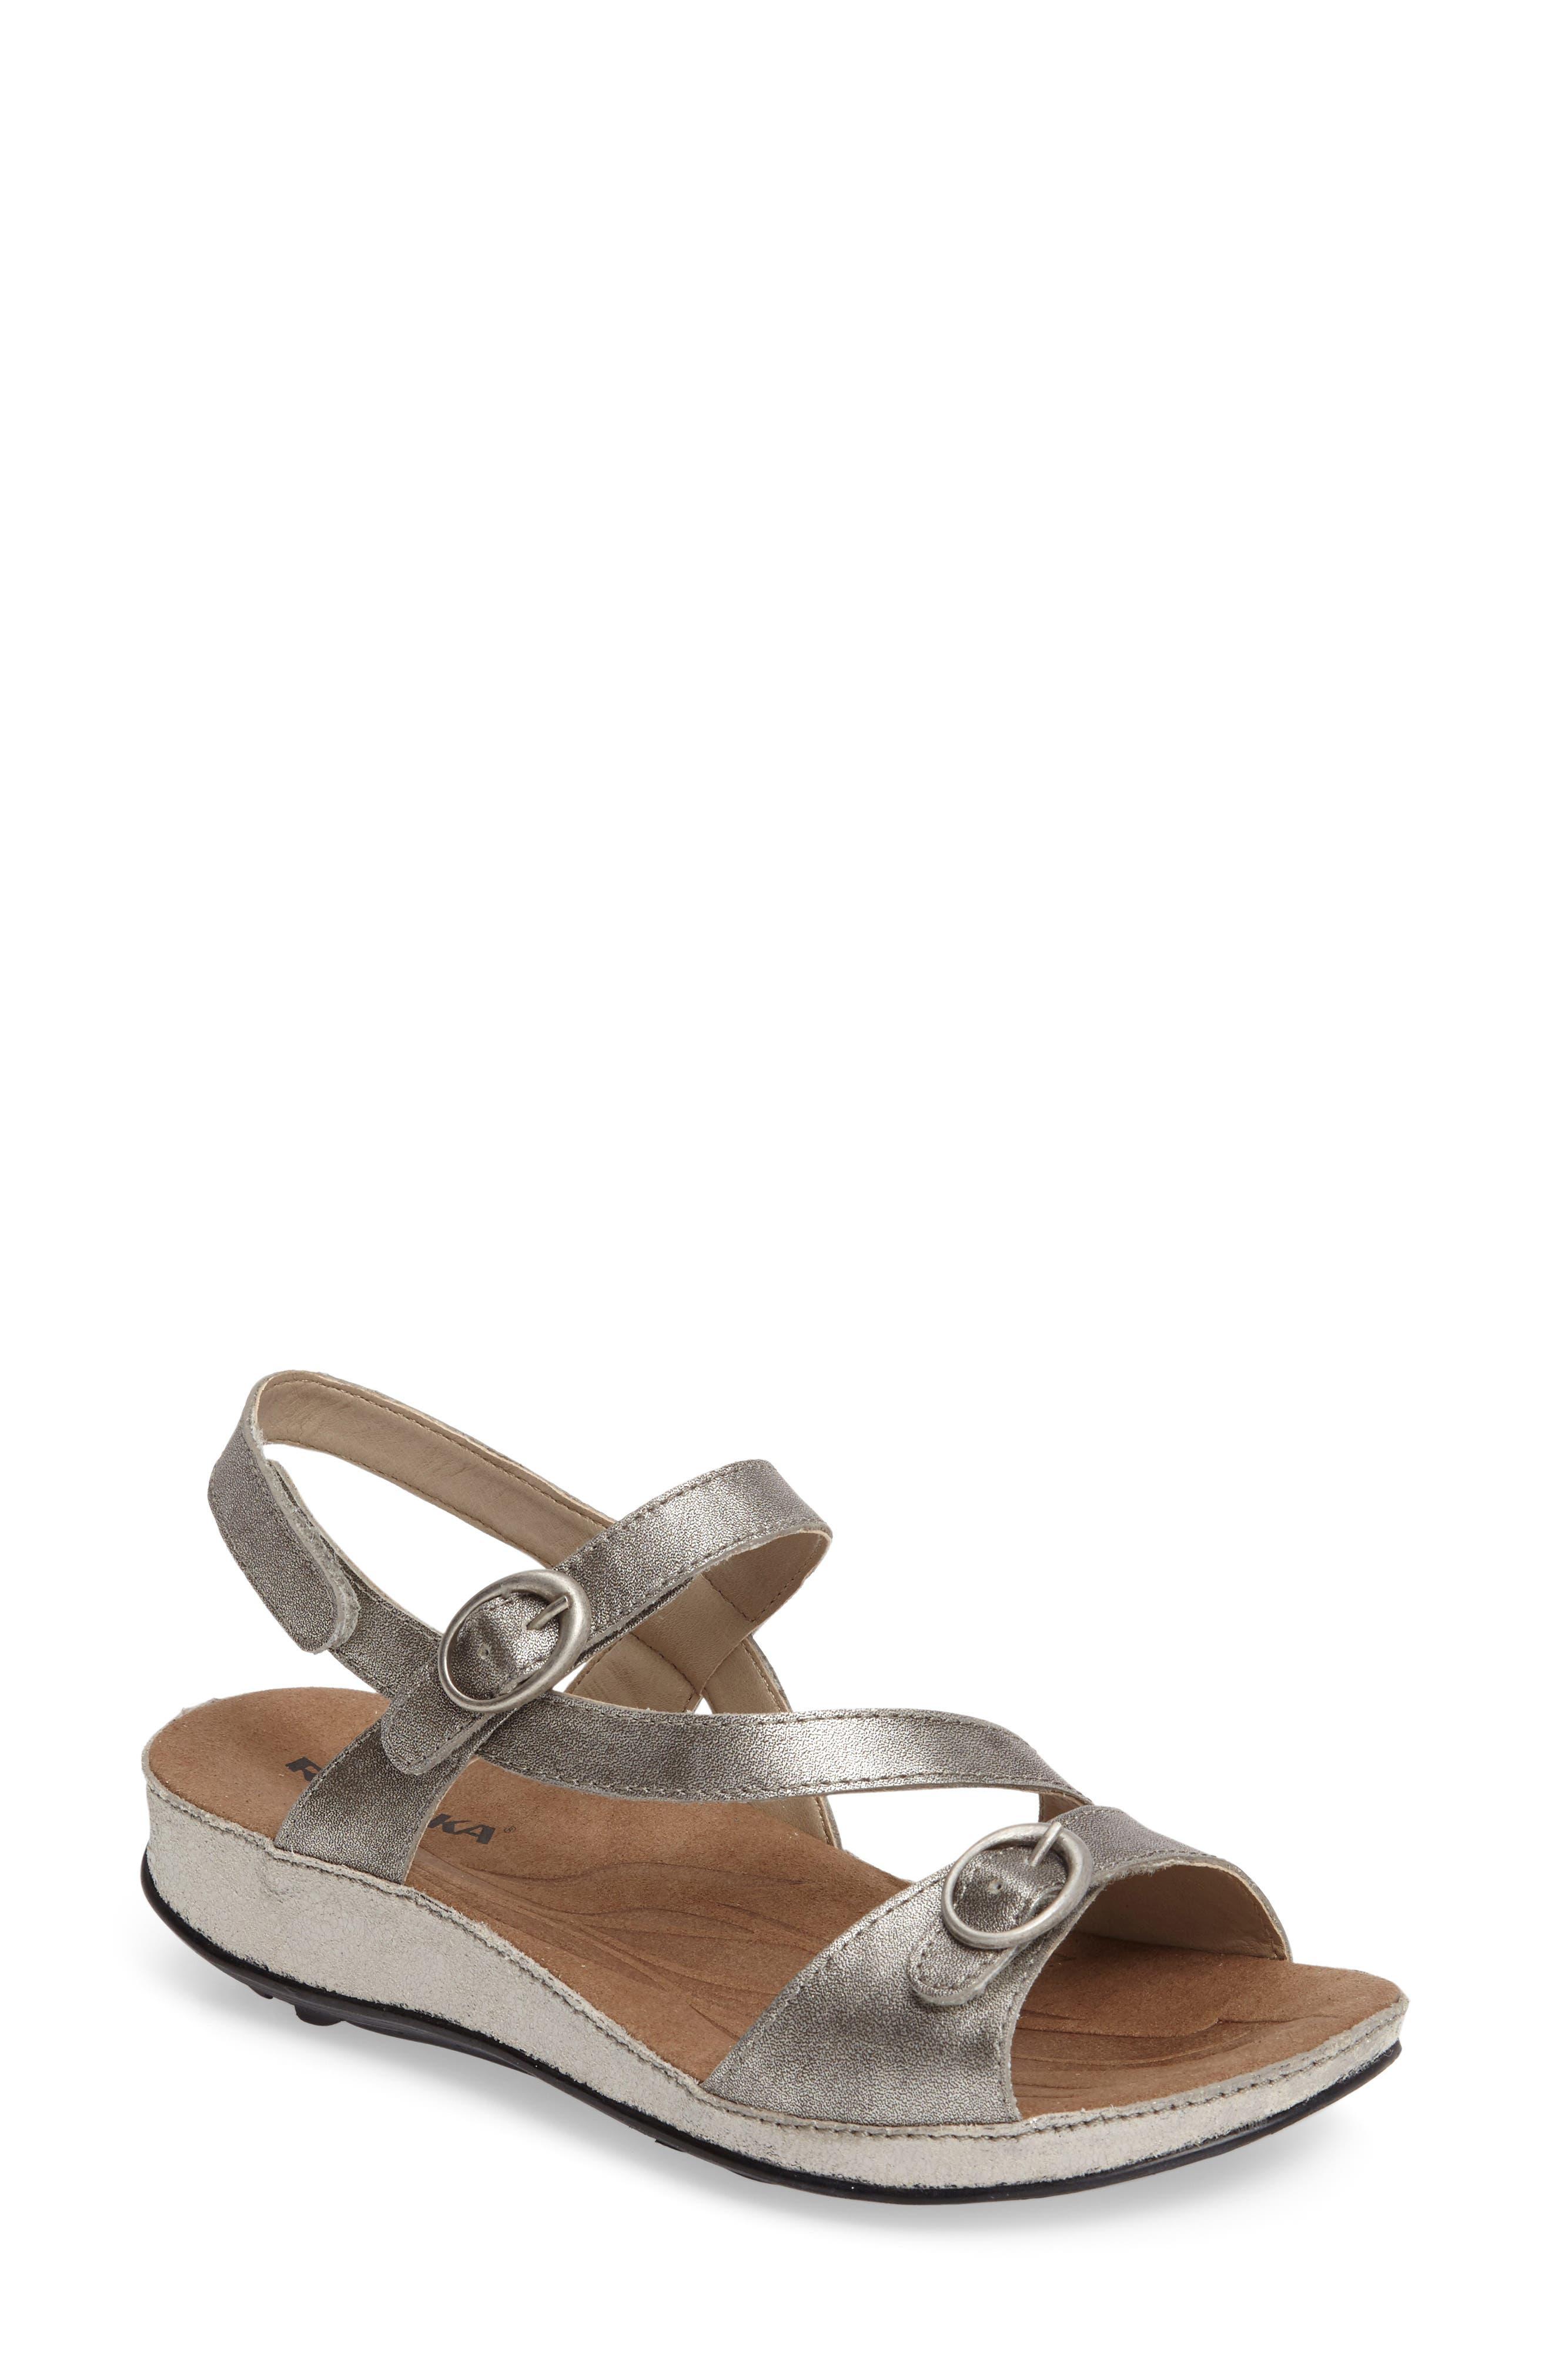 Alternate Image 1 Selected - Romika® Fidschi 48 Sandal (Women)